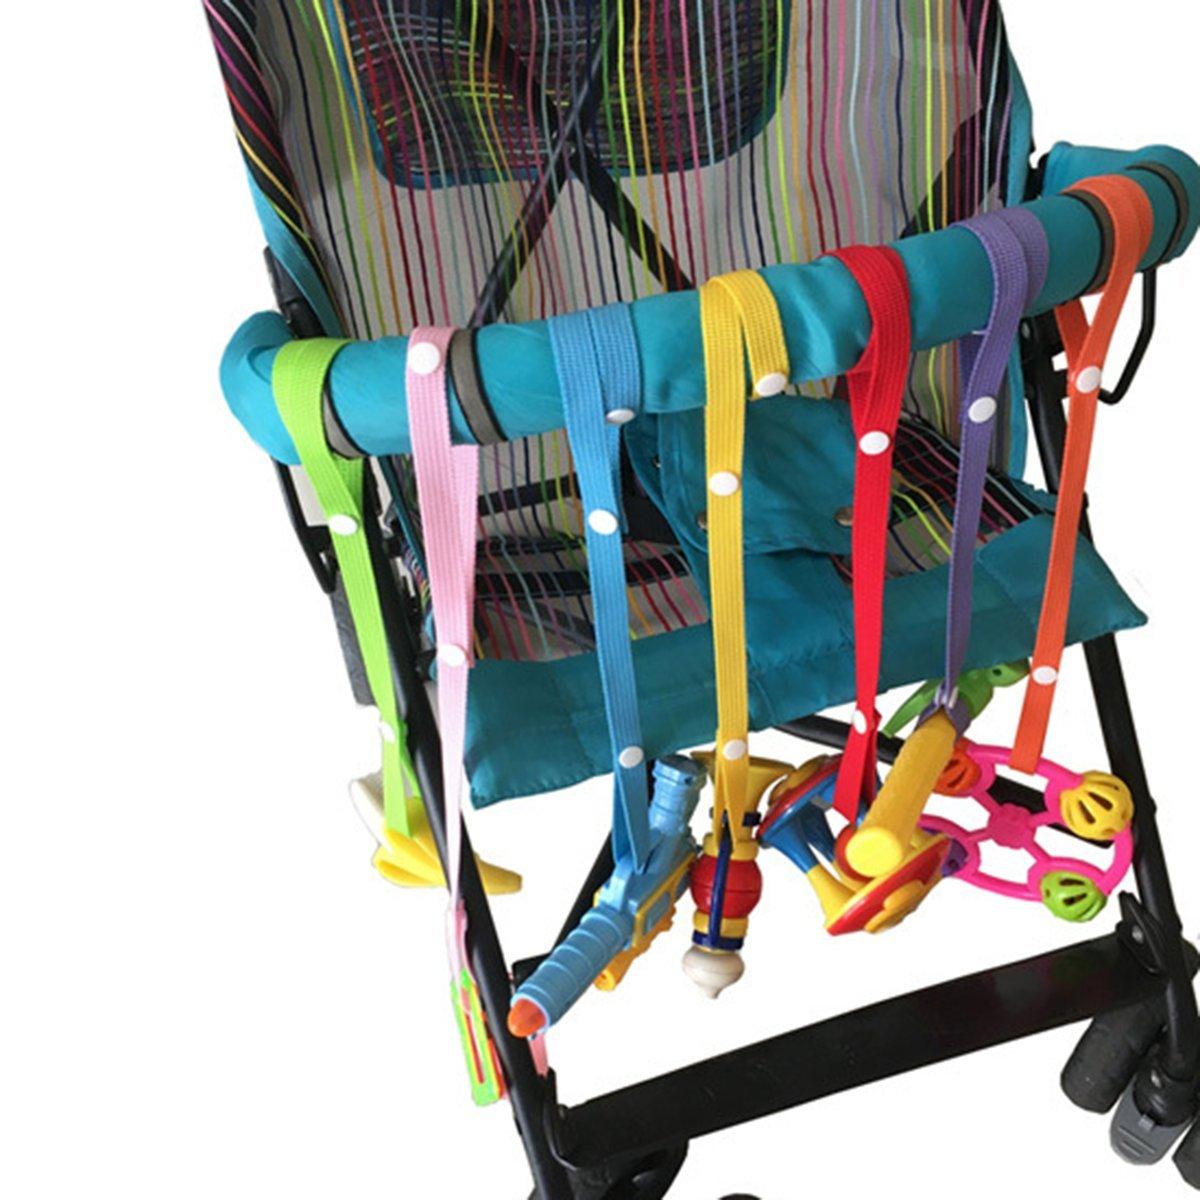 Schnullerketten mit Clip Verstellbare L/änge mit Druckknopf f/ür Kinderwagen//Autositz//Hochstuhl Baby Flaschen Halter Spielzeug B/ügel Gurt 7Pcs